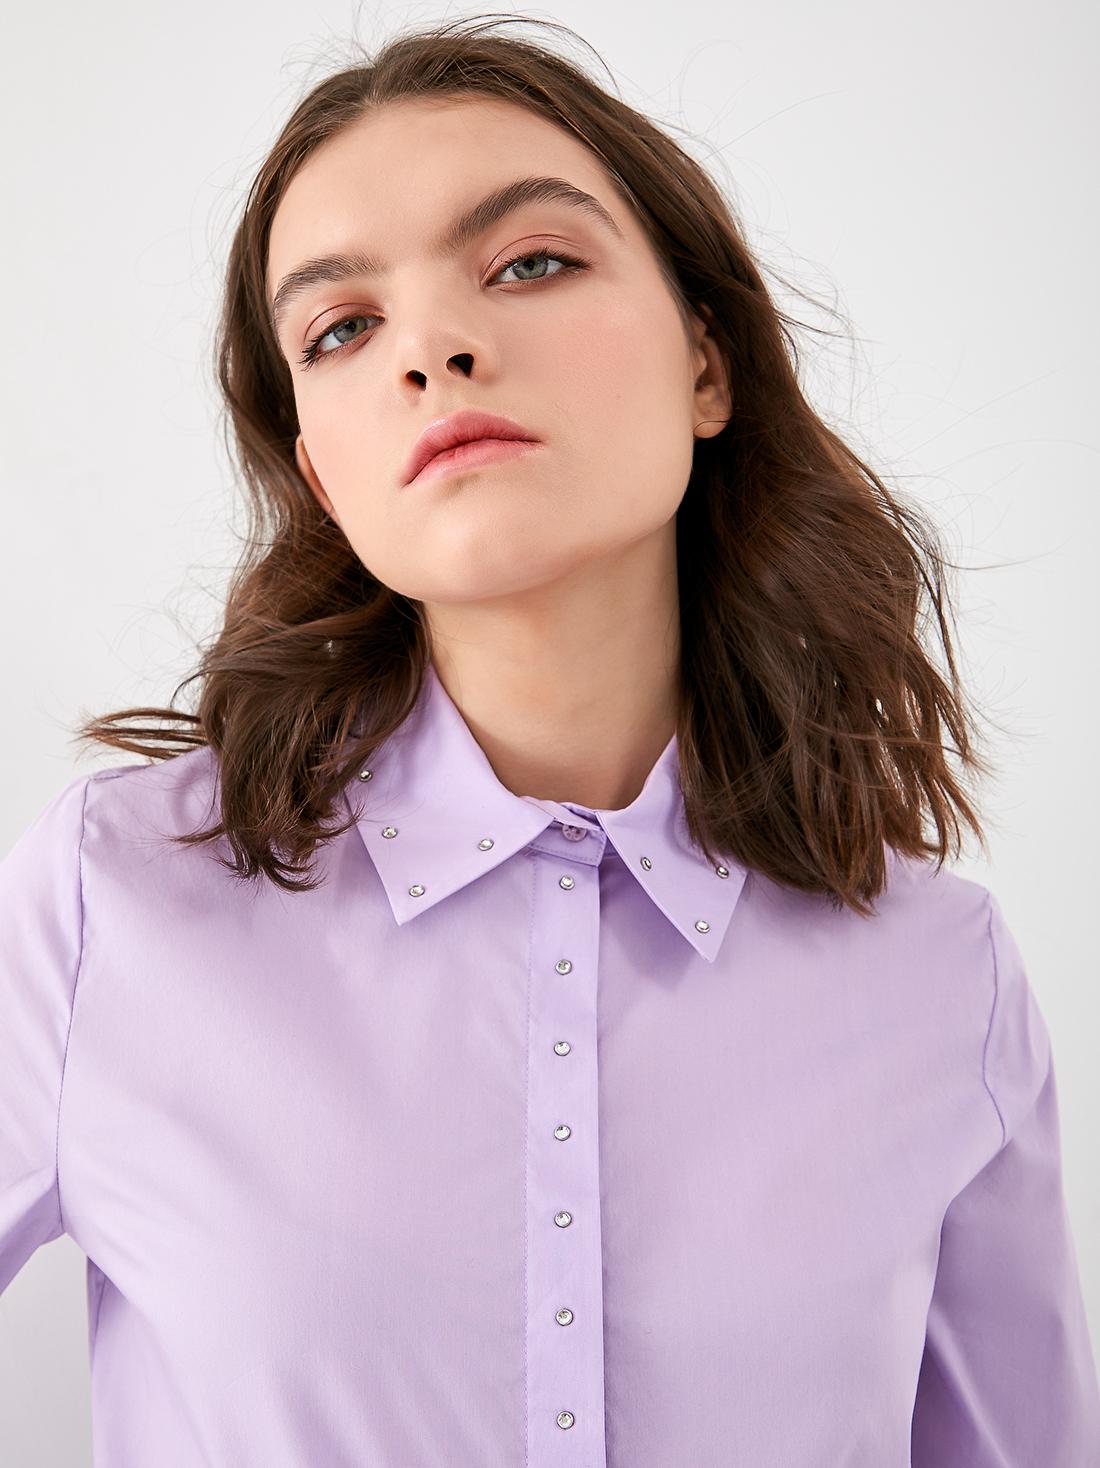 Классческая рубашка со стразами